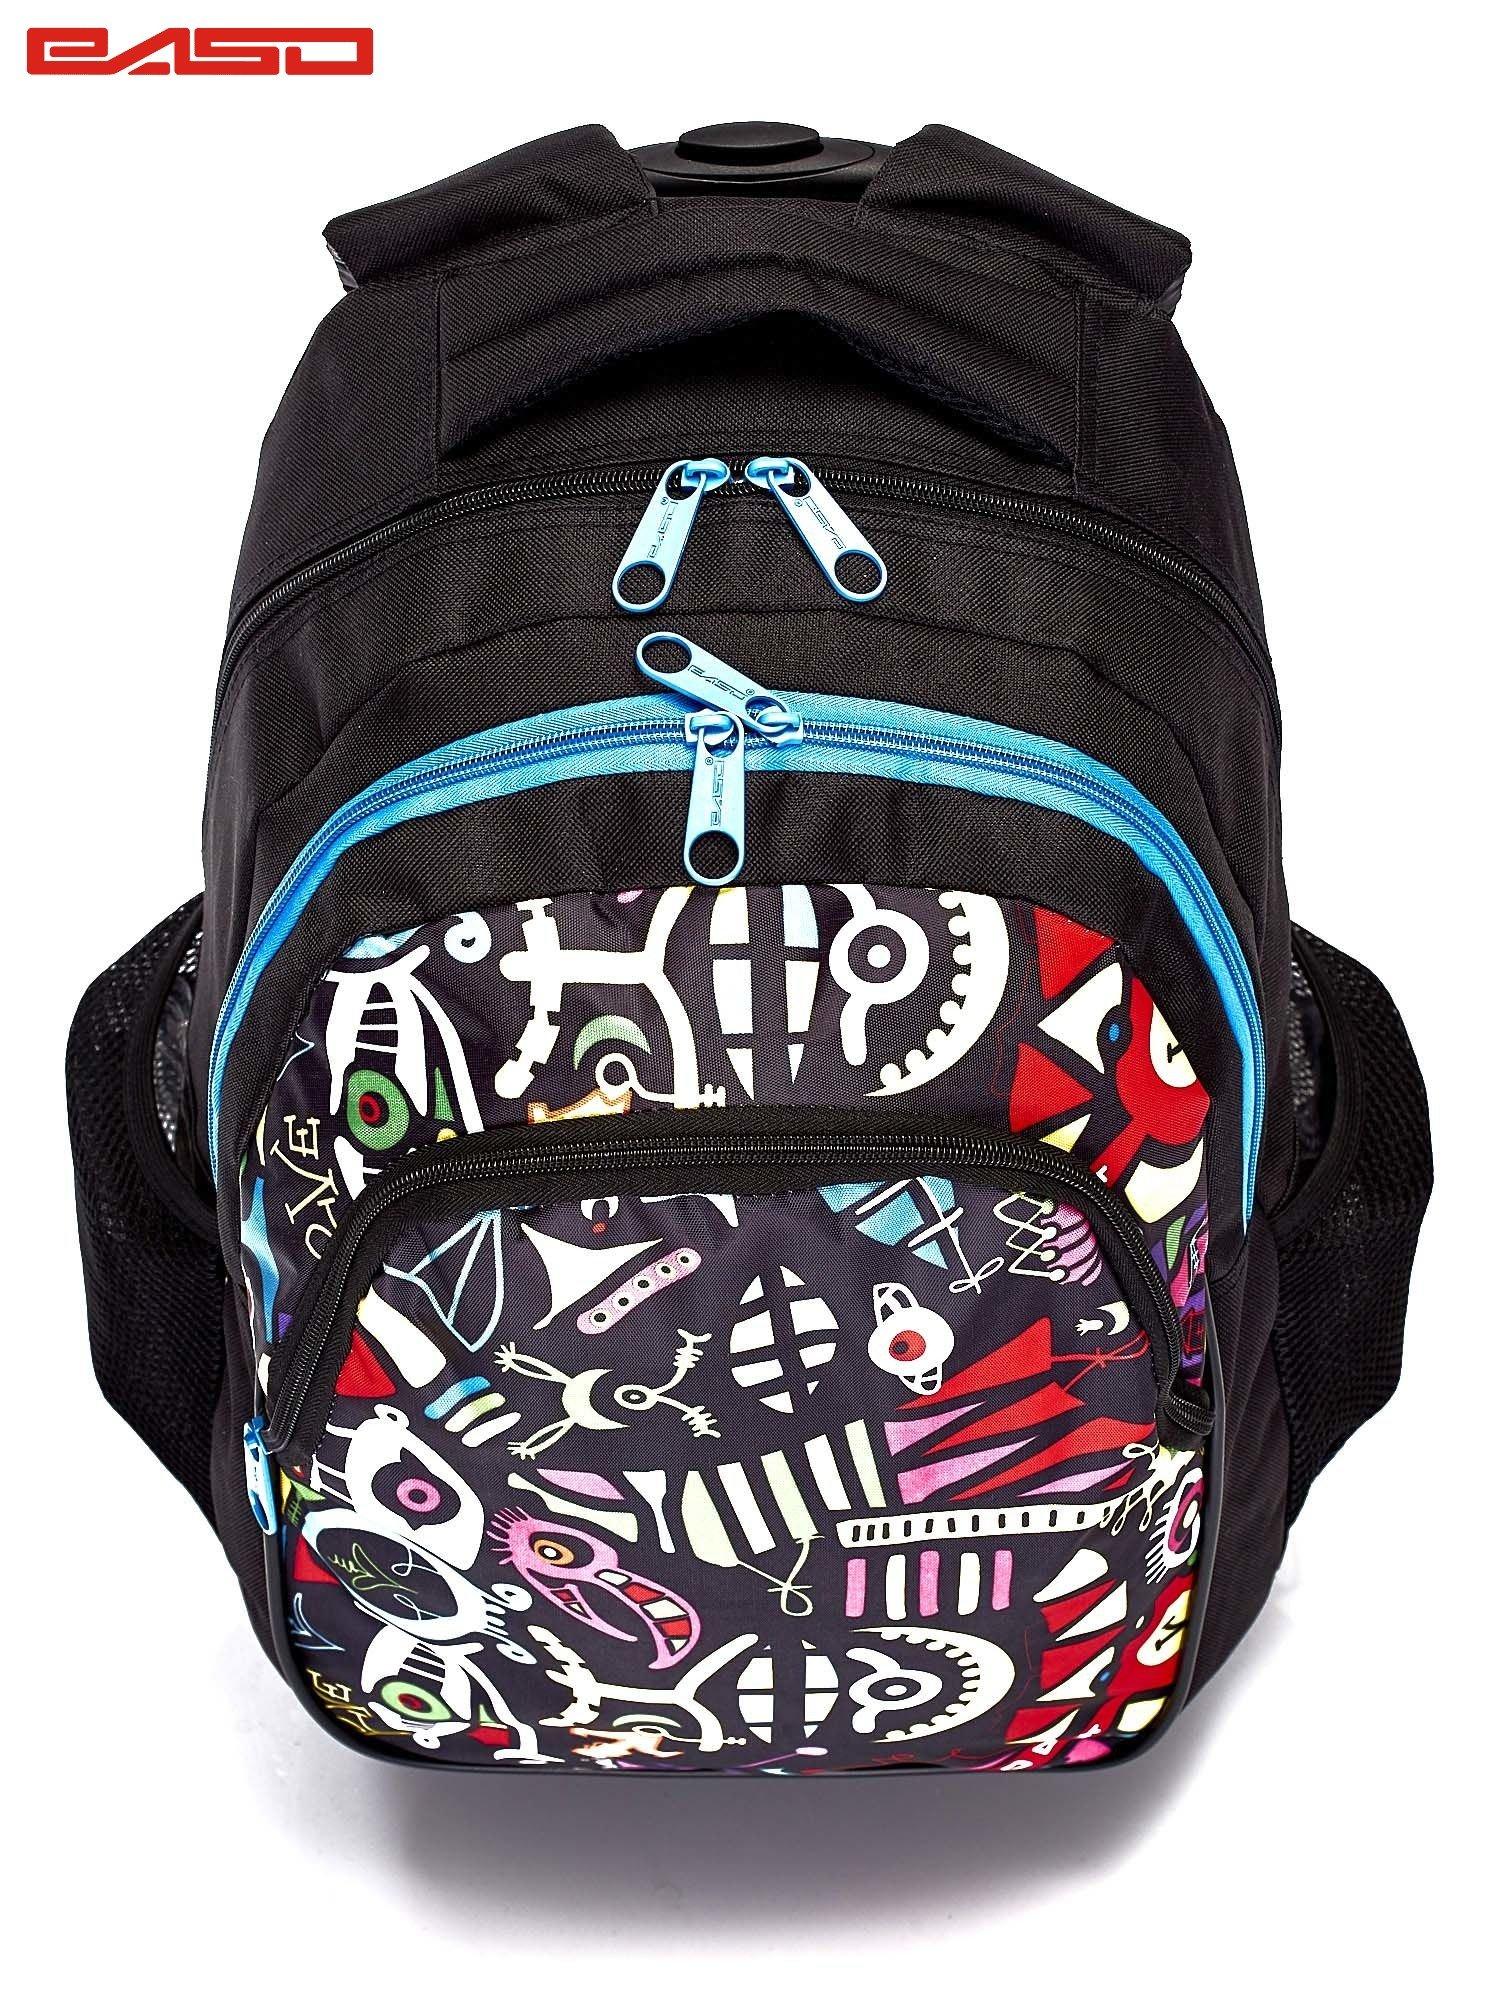 9da5522f4c902 GRATIS!!! Czarny plecak szkolny na kółkach z kolorowym nadrukiem ...